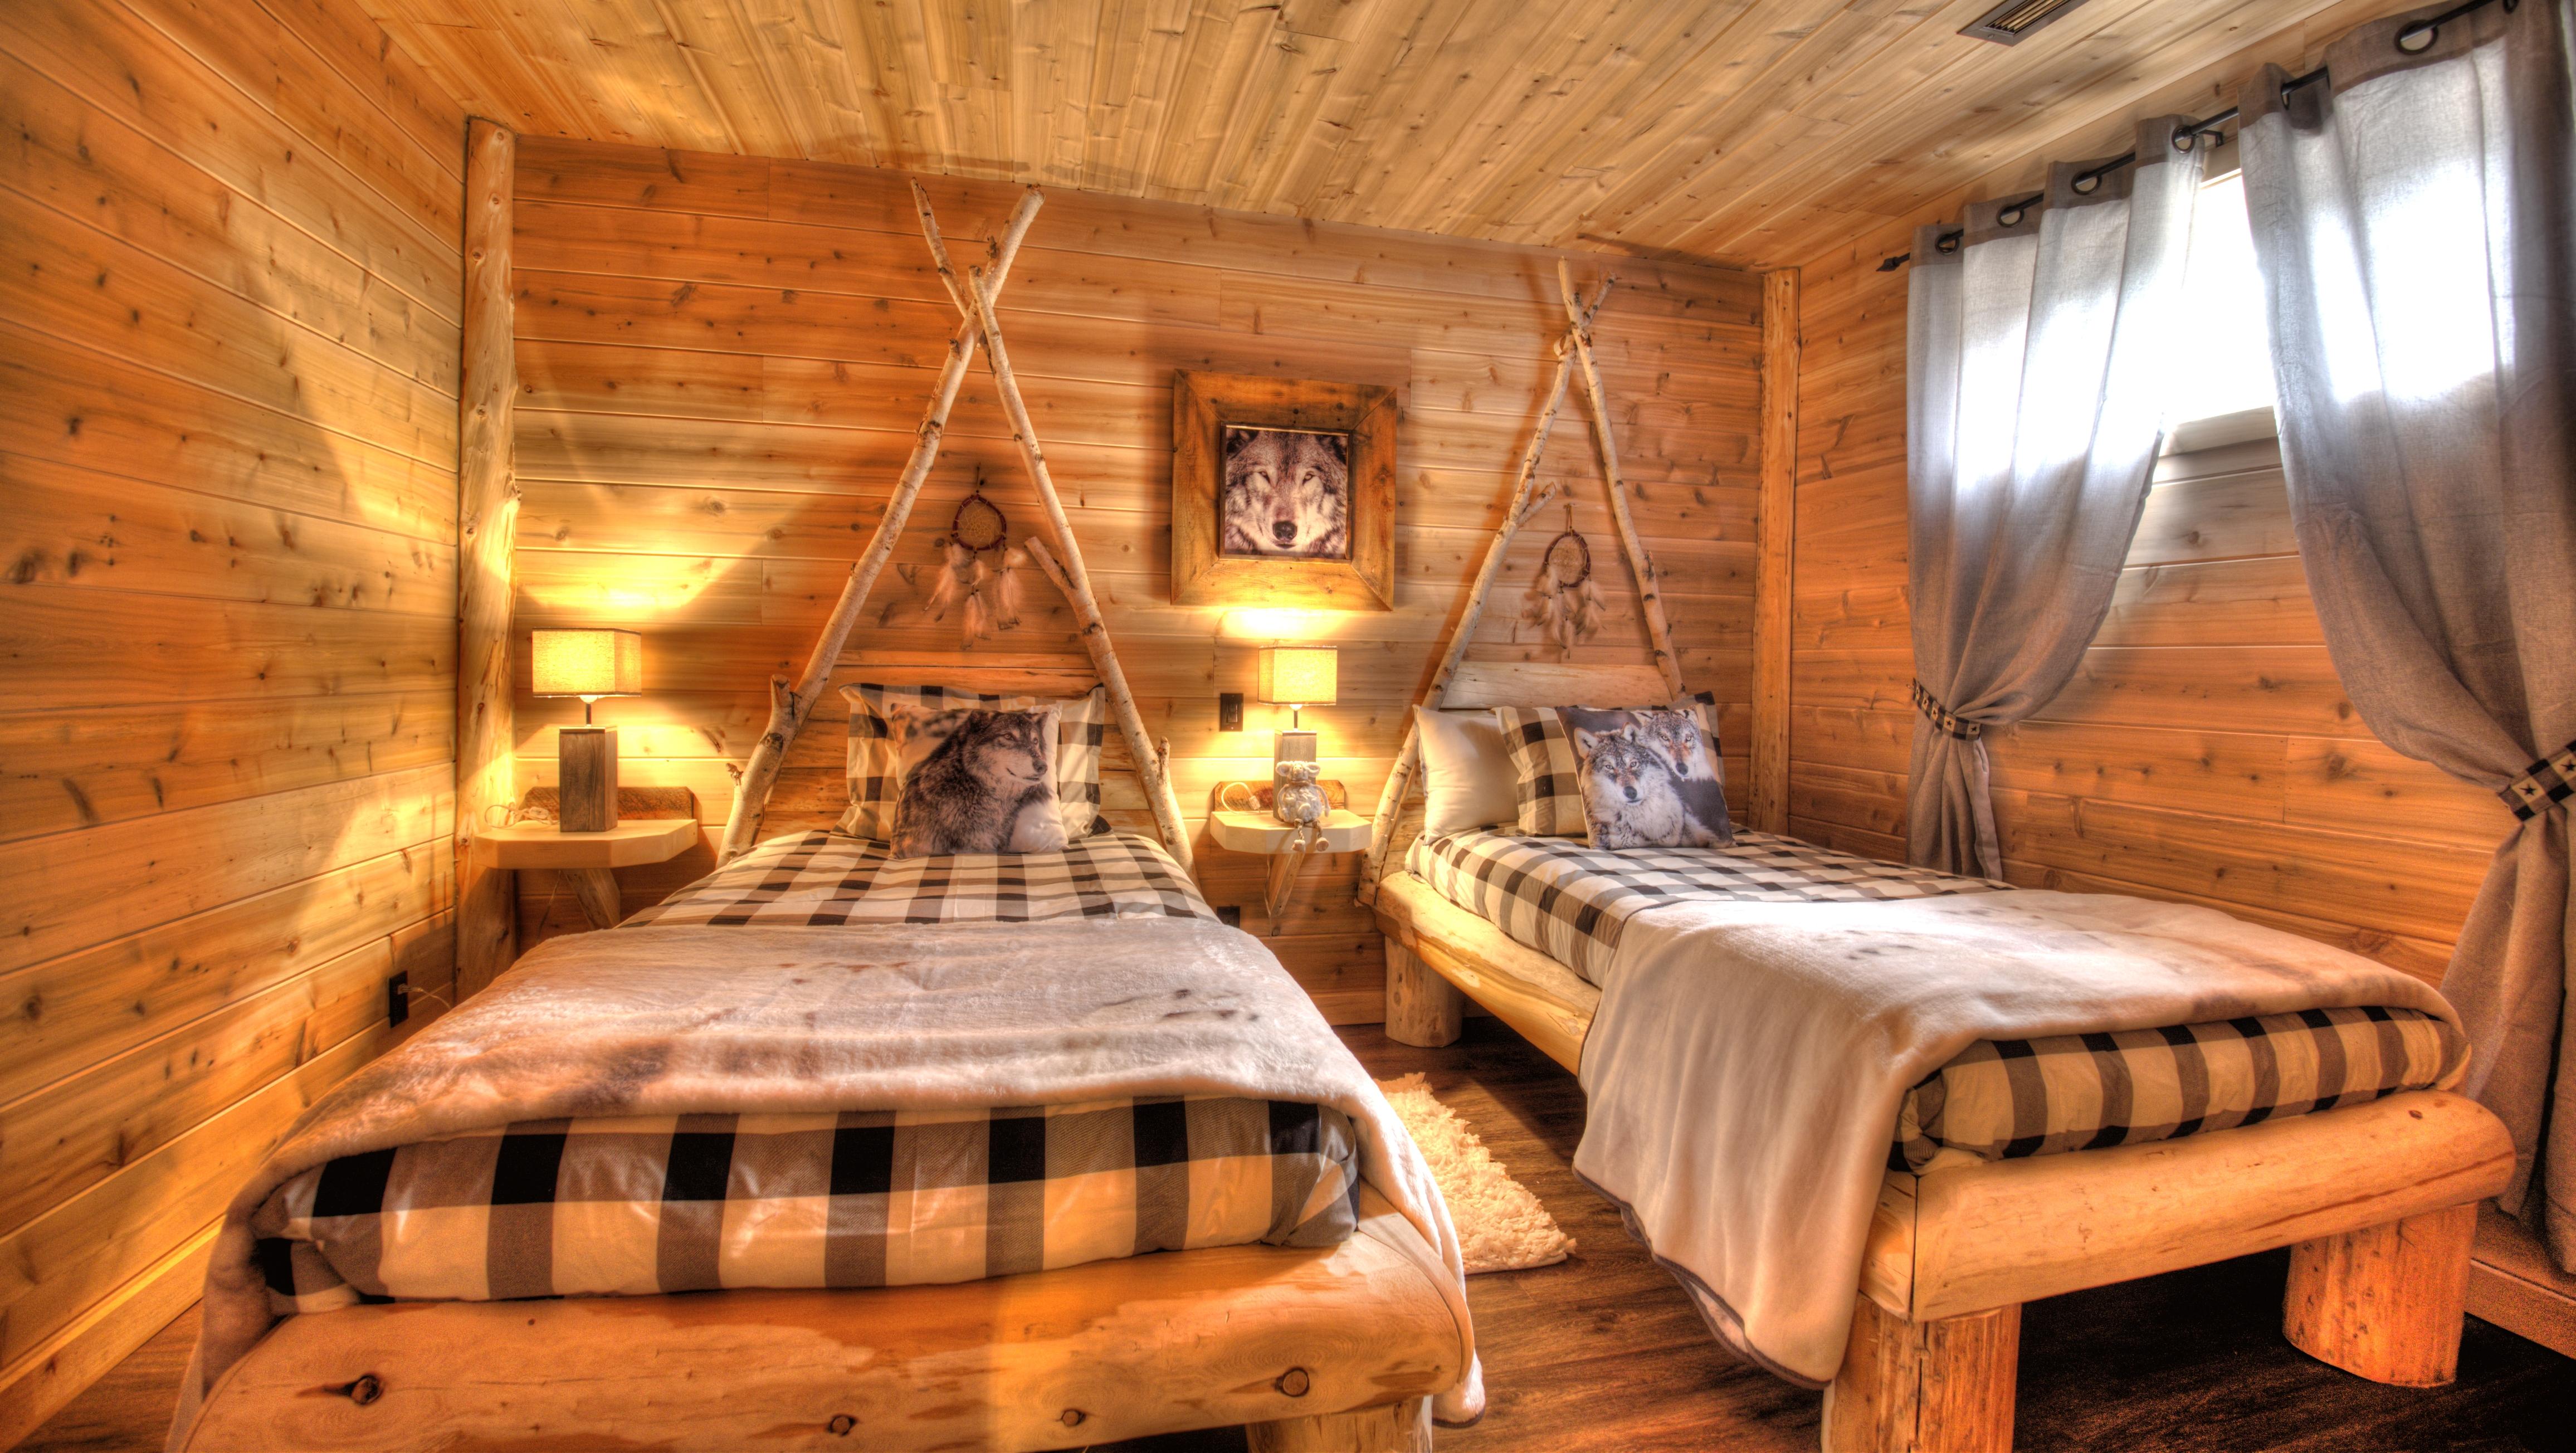 Hotel Avec Foyer Au Bois : Chalets spa canada réservez